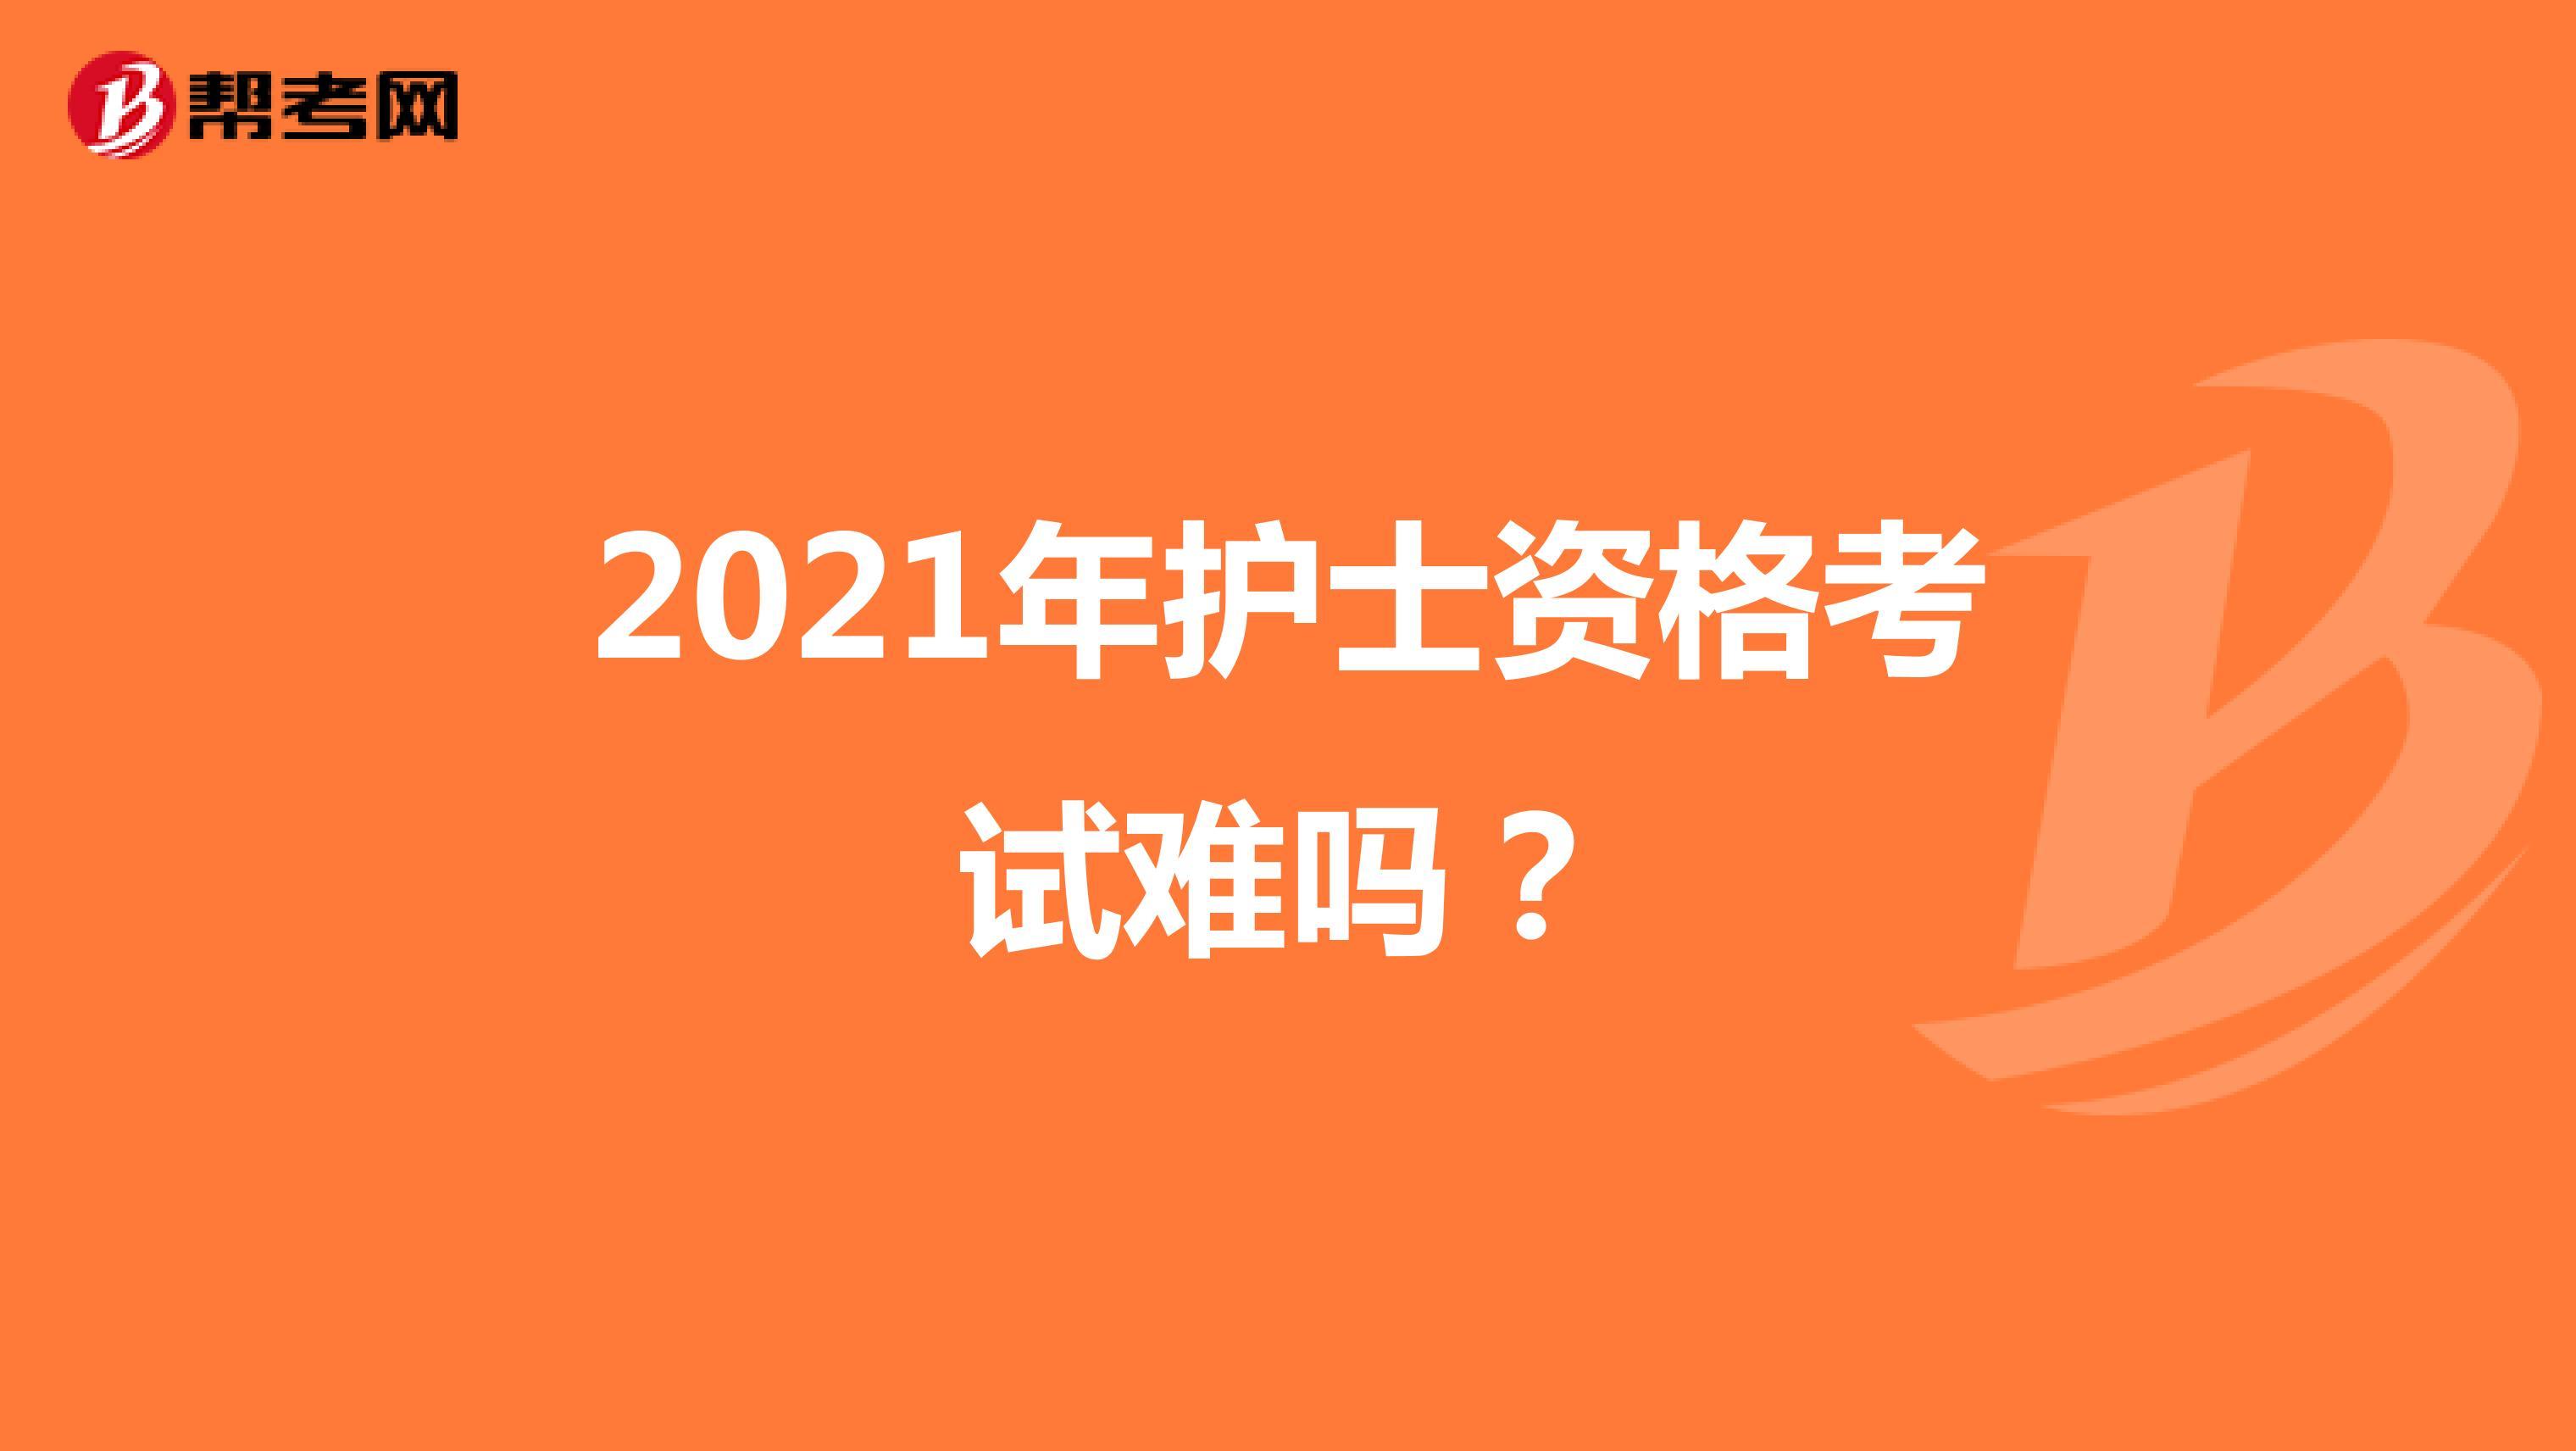 2021年护士资格考试难吗?